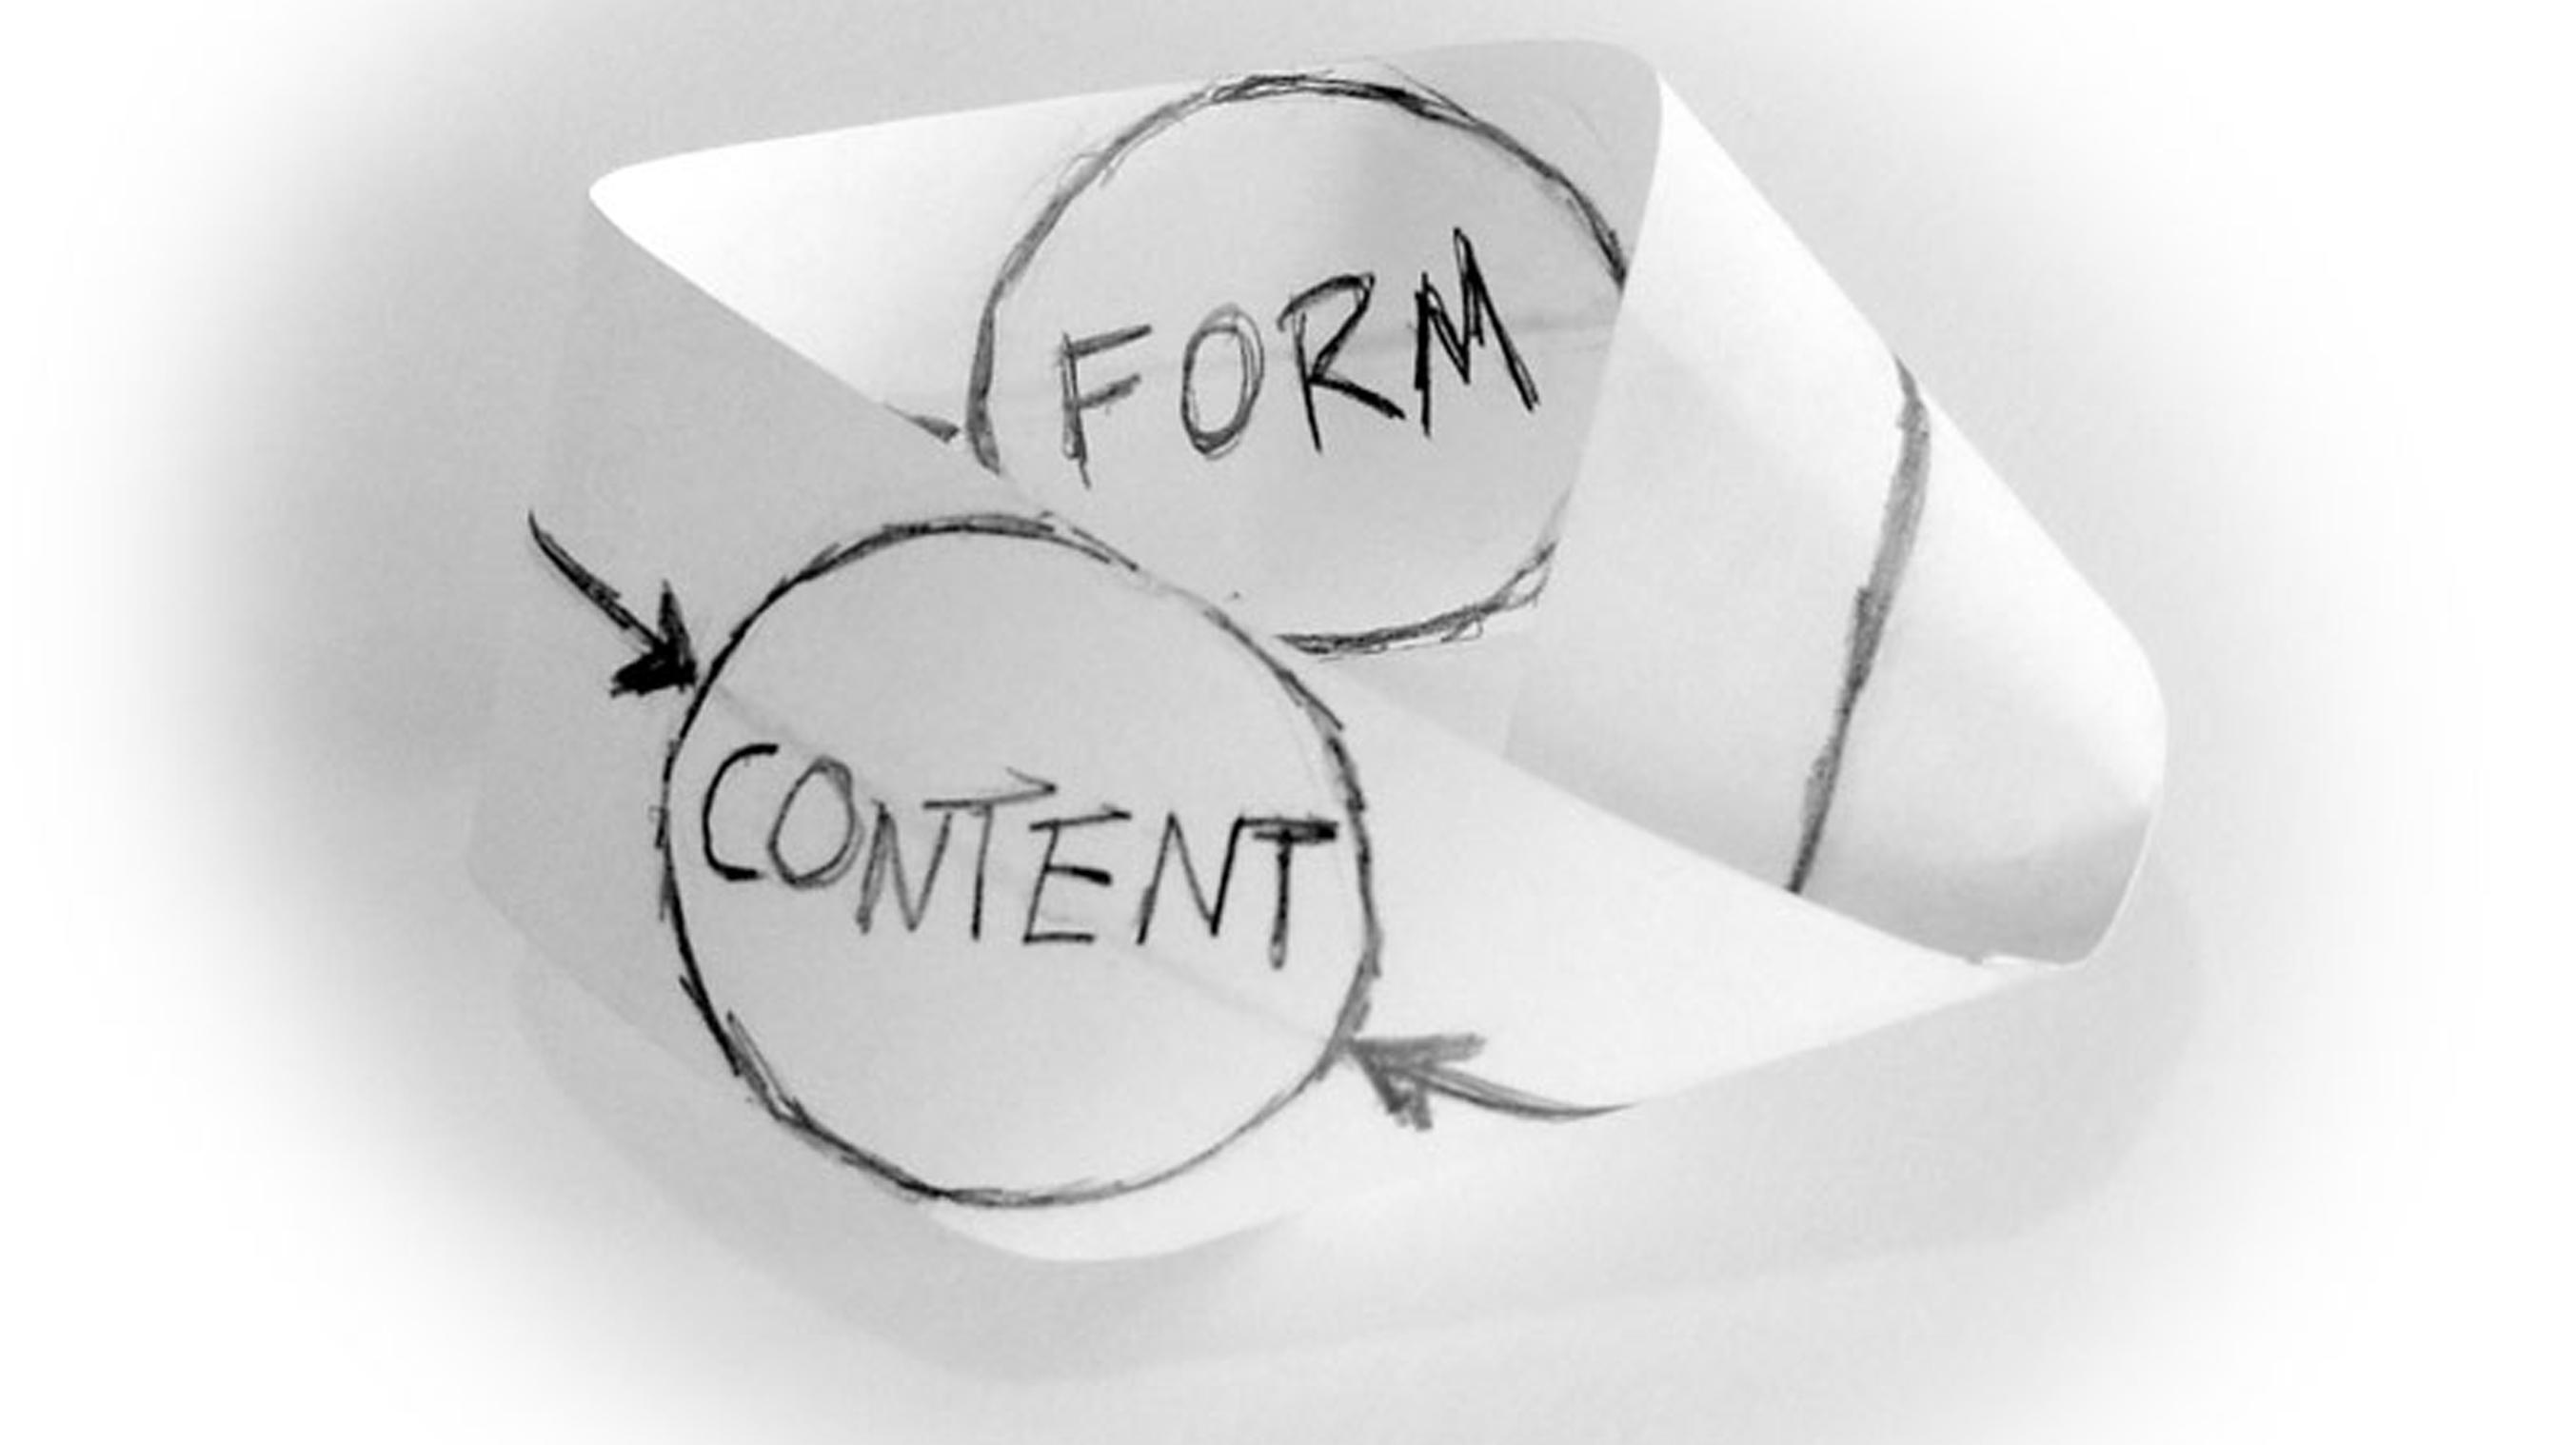 ارتباط عمیق و معنادار بین فرم و محتوا یکی از اصول اولیه طراحی است